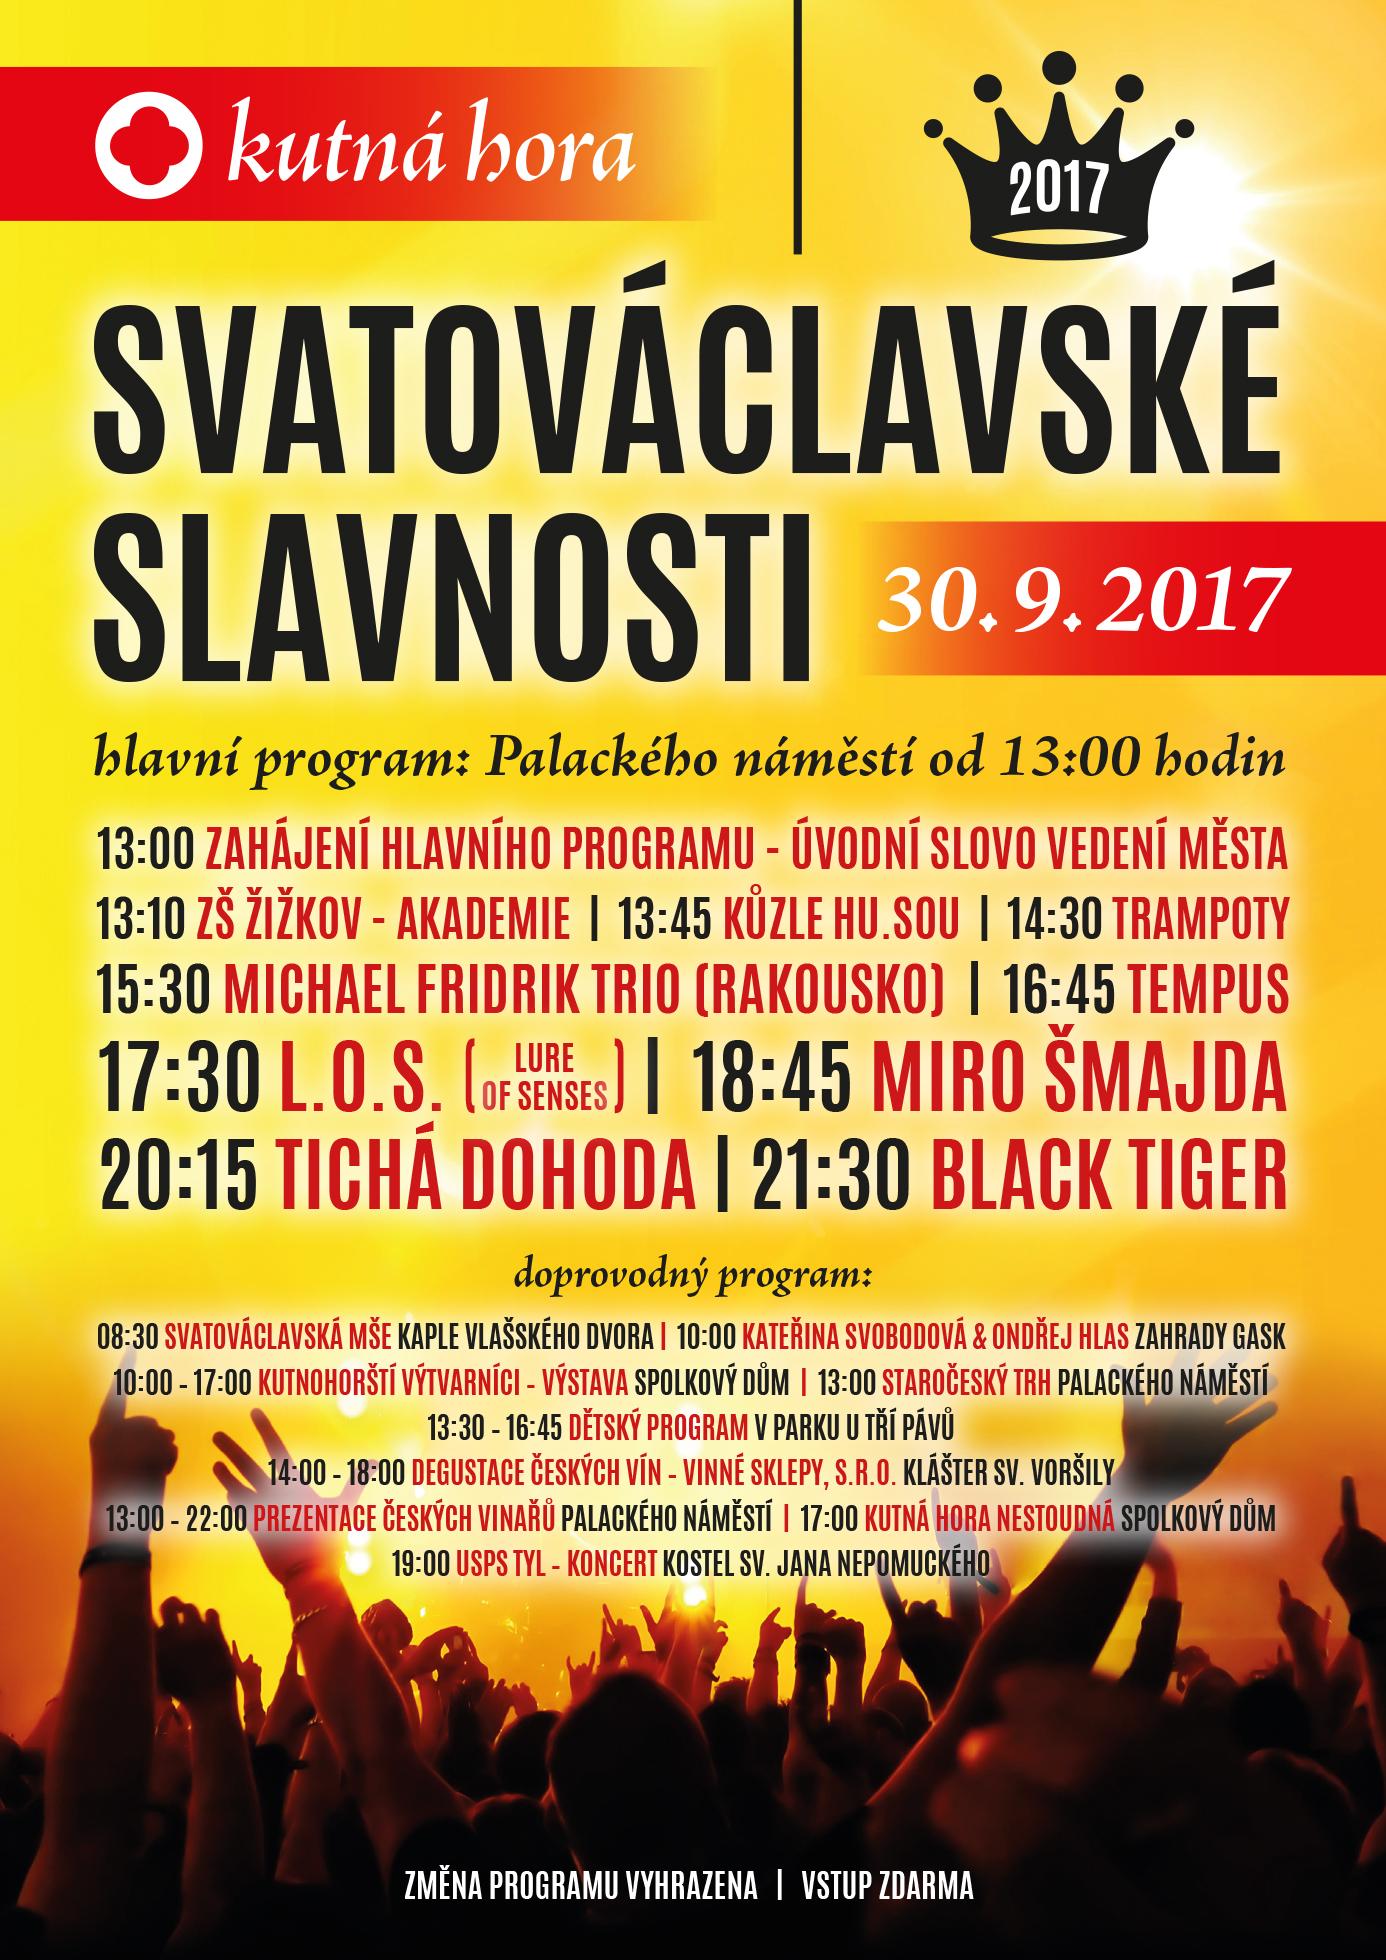 2502-svatovaclavske-slavnosti-2017-plakat-a2-final.jpg